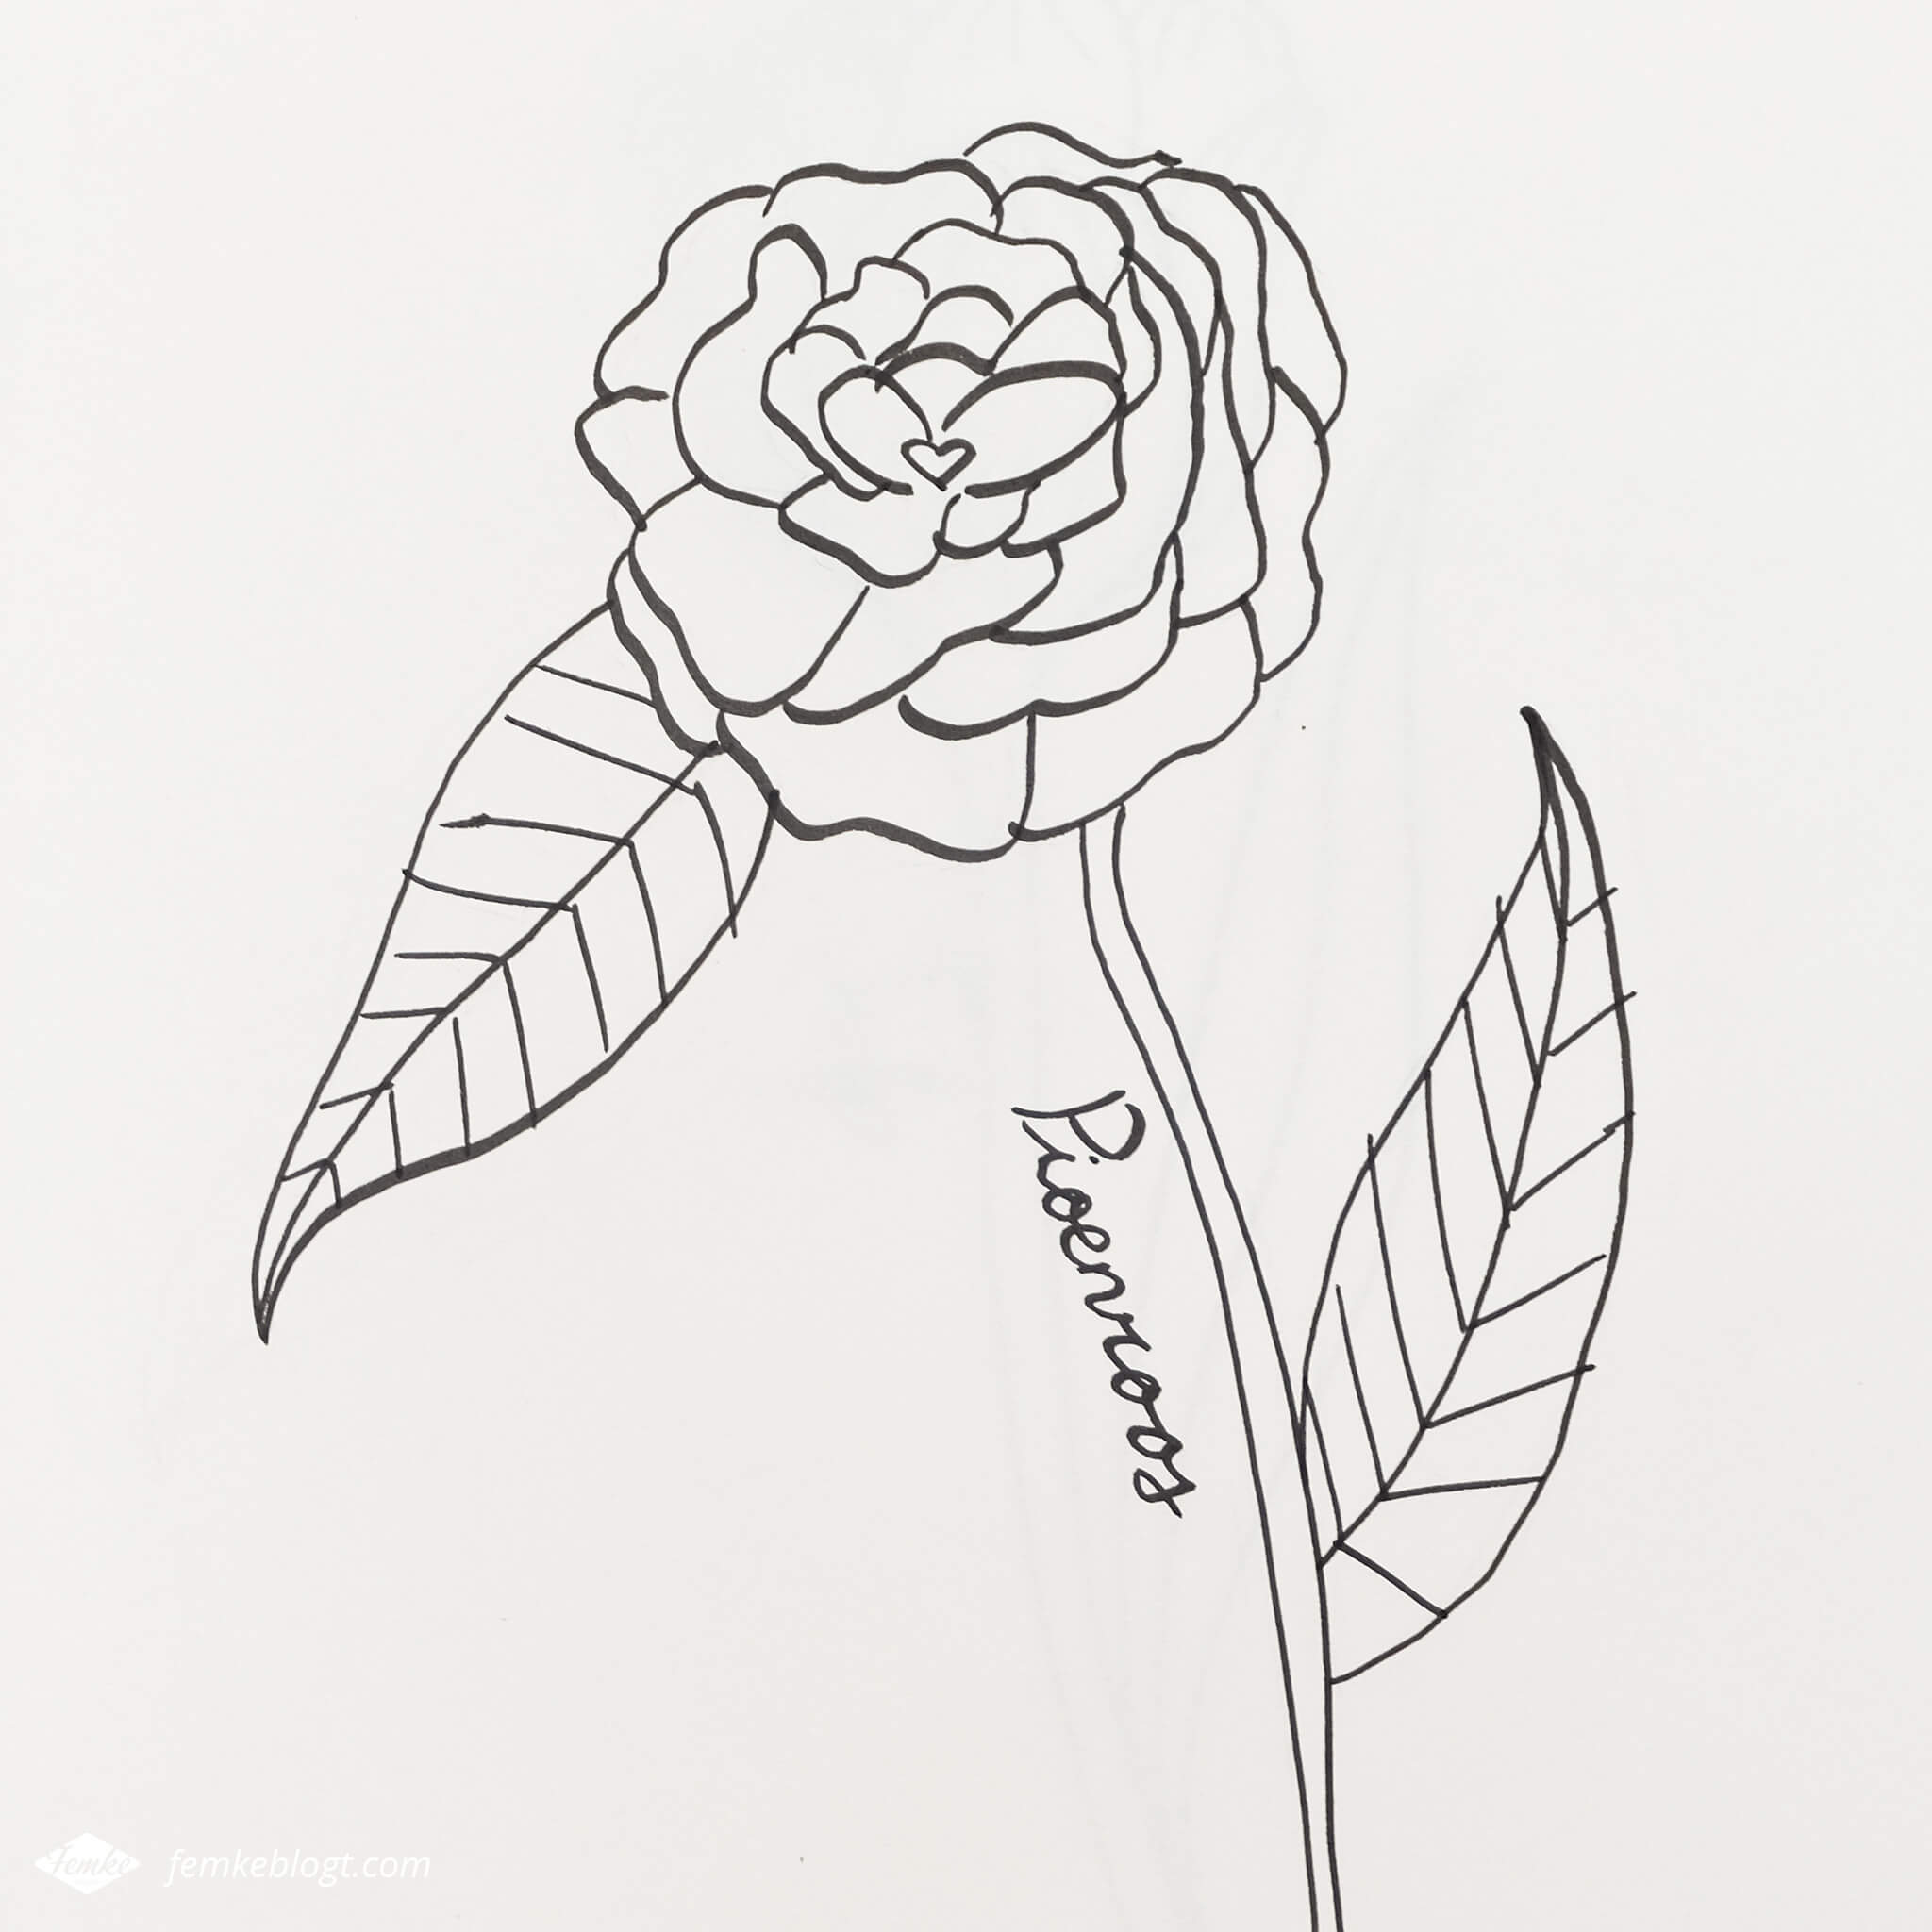 31 Dagen bloemen #4 | Pioenroos tekenen